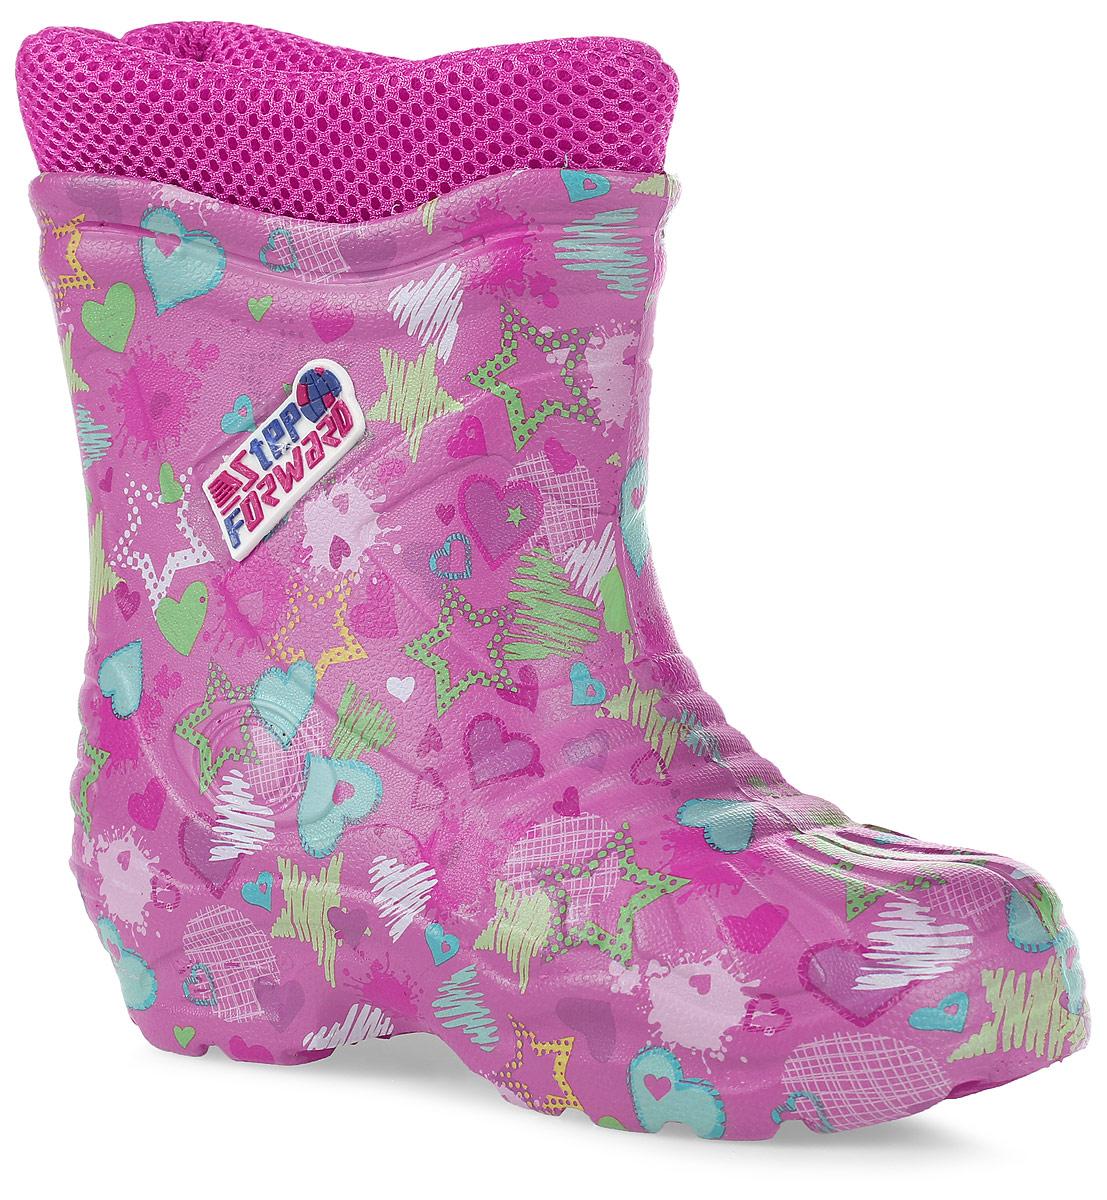 Сапоги резиновые для девочки Step Forward, цвет: розовый. Т-102D-А16. Размер 32Т-102D-А16Детские резиновые сапоги для девочек от Step Forward - идеальный вариант для дождливой холодной погоды! Модель изготовлена из материала ЭВА. Отсутствие швов гарантирует максимальную прочность и 100% защиту от воды и грязи.